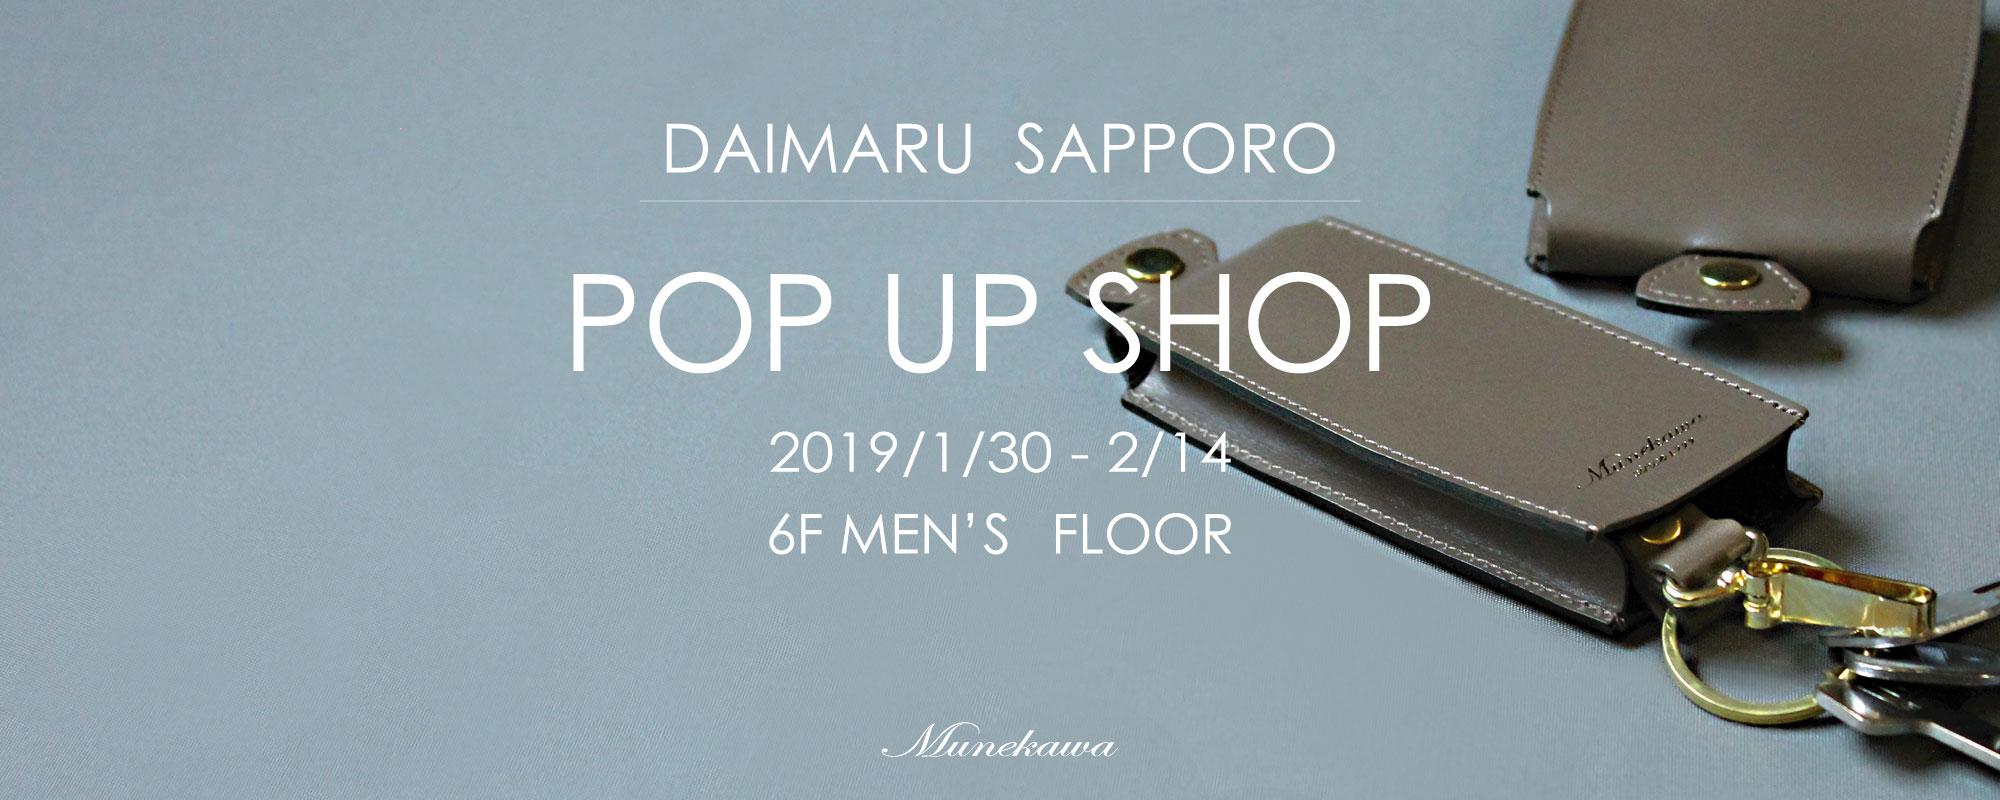 DAIMARU SAPPORO POP UP SHOP 2019/1/30 - 2019/2/14